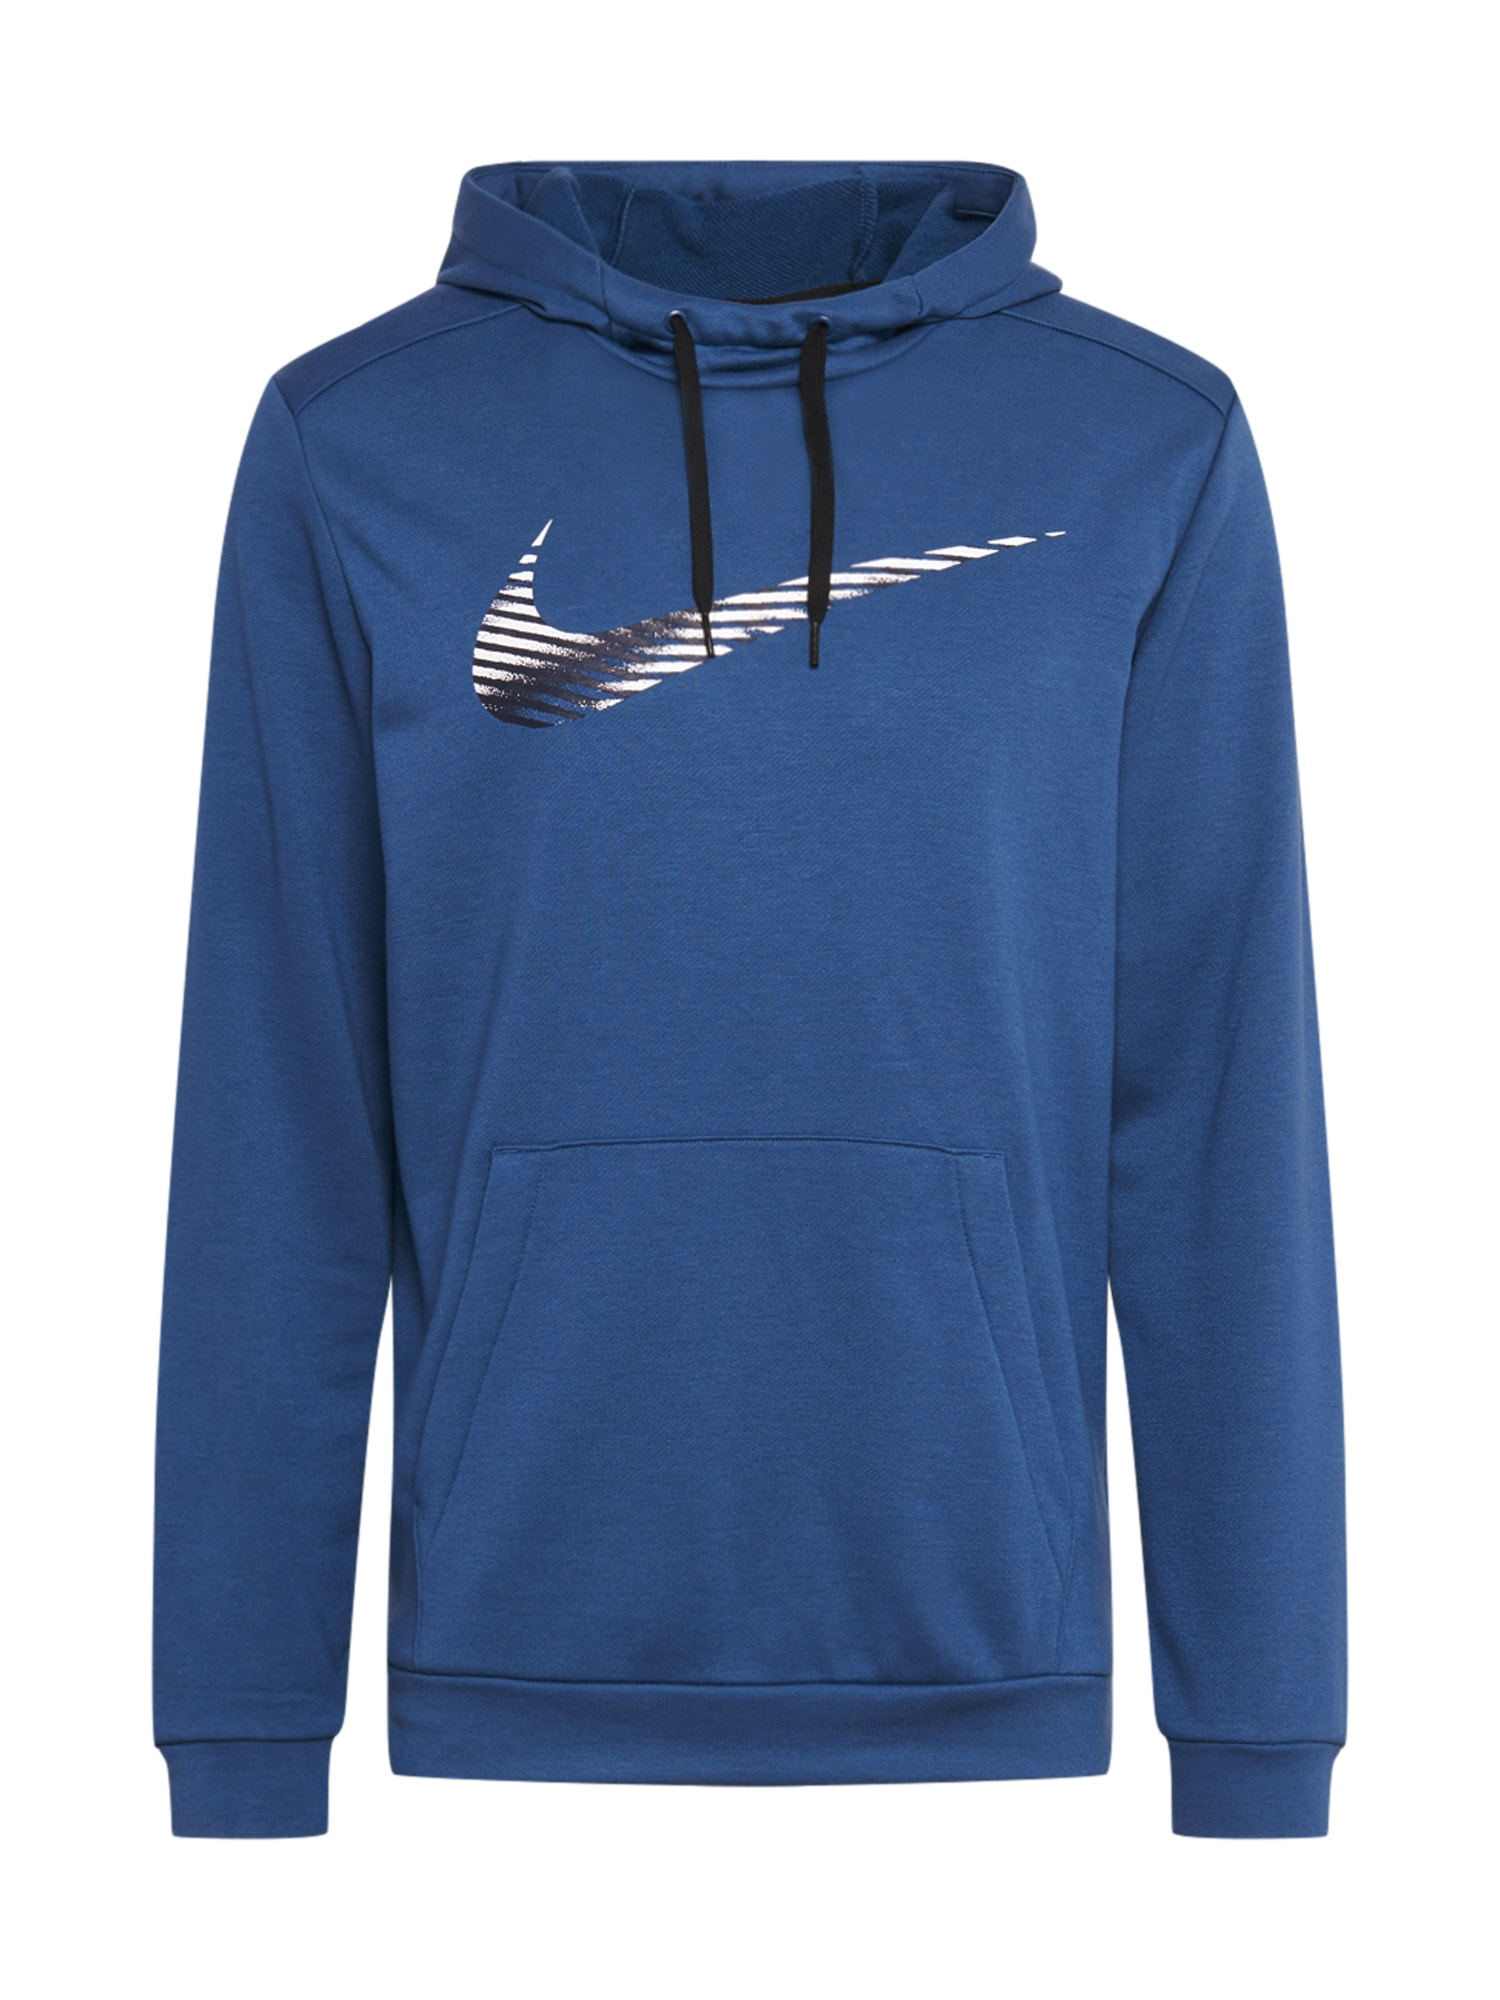 NIKE Svetr 'Nike Dri-FIT'  námořnická modř